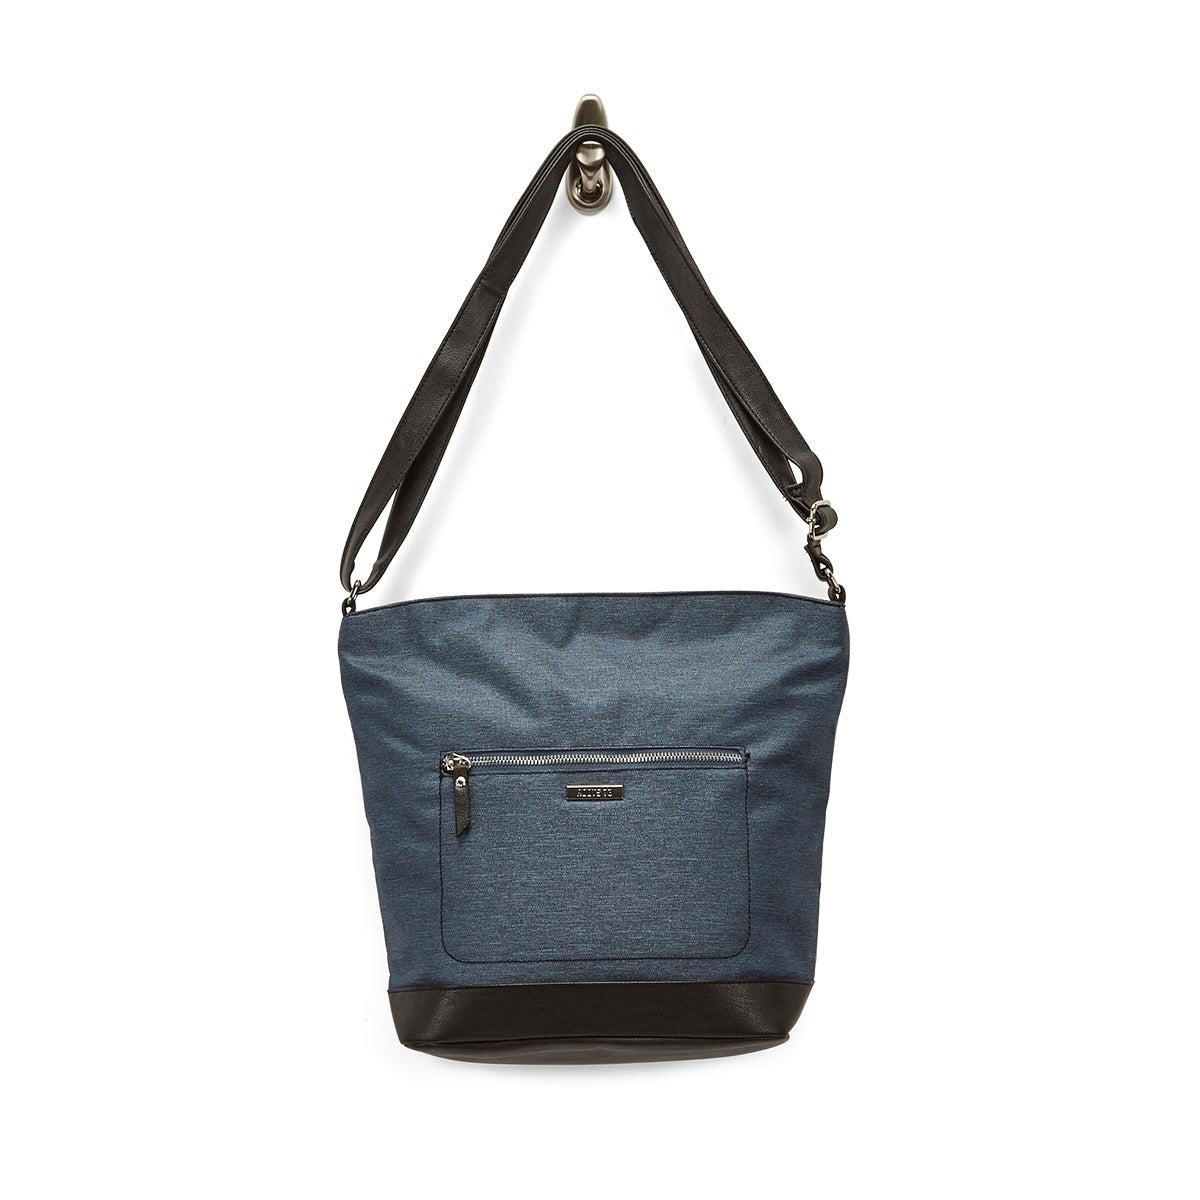 LdsRoots73 denim top zip large hobo bag